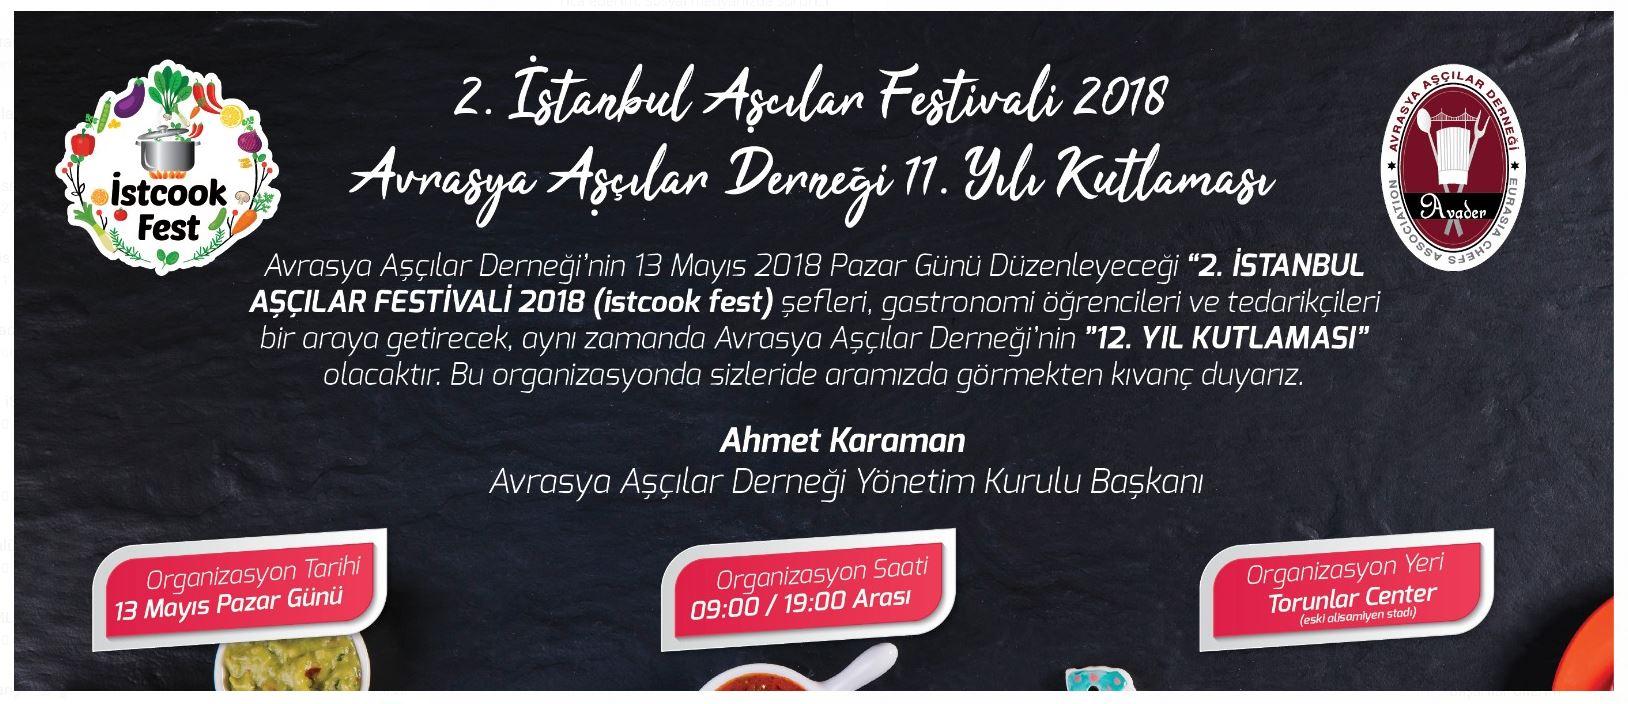 2.İSTANBUL AŞÇILAR FESTİVALİ  GERÇEKLEŞTİ...